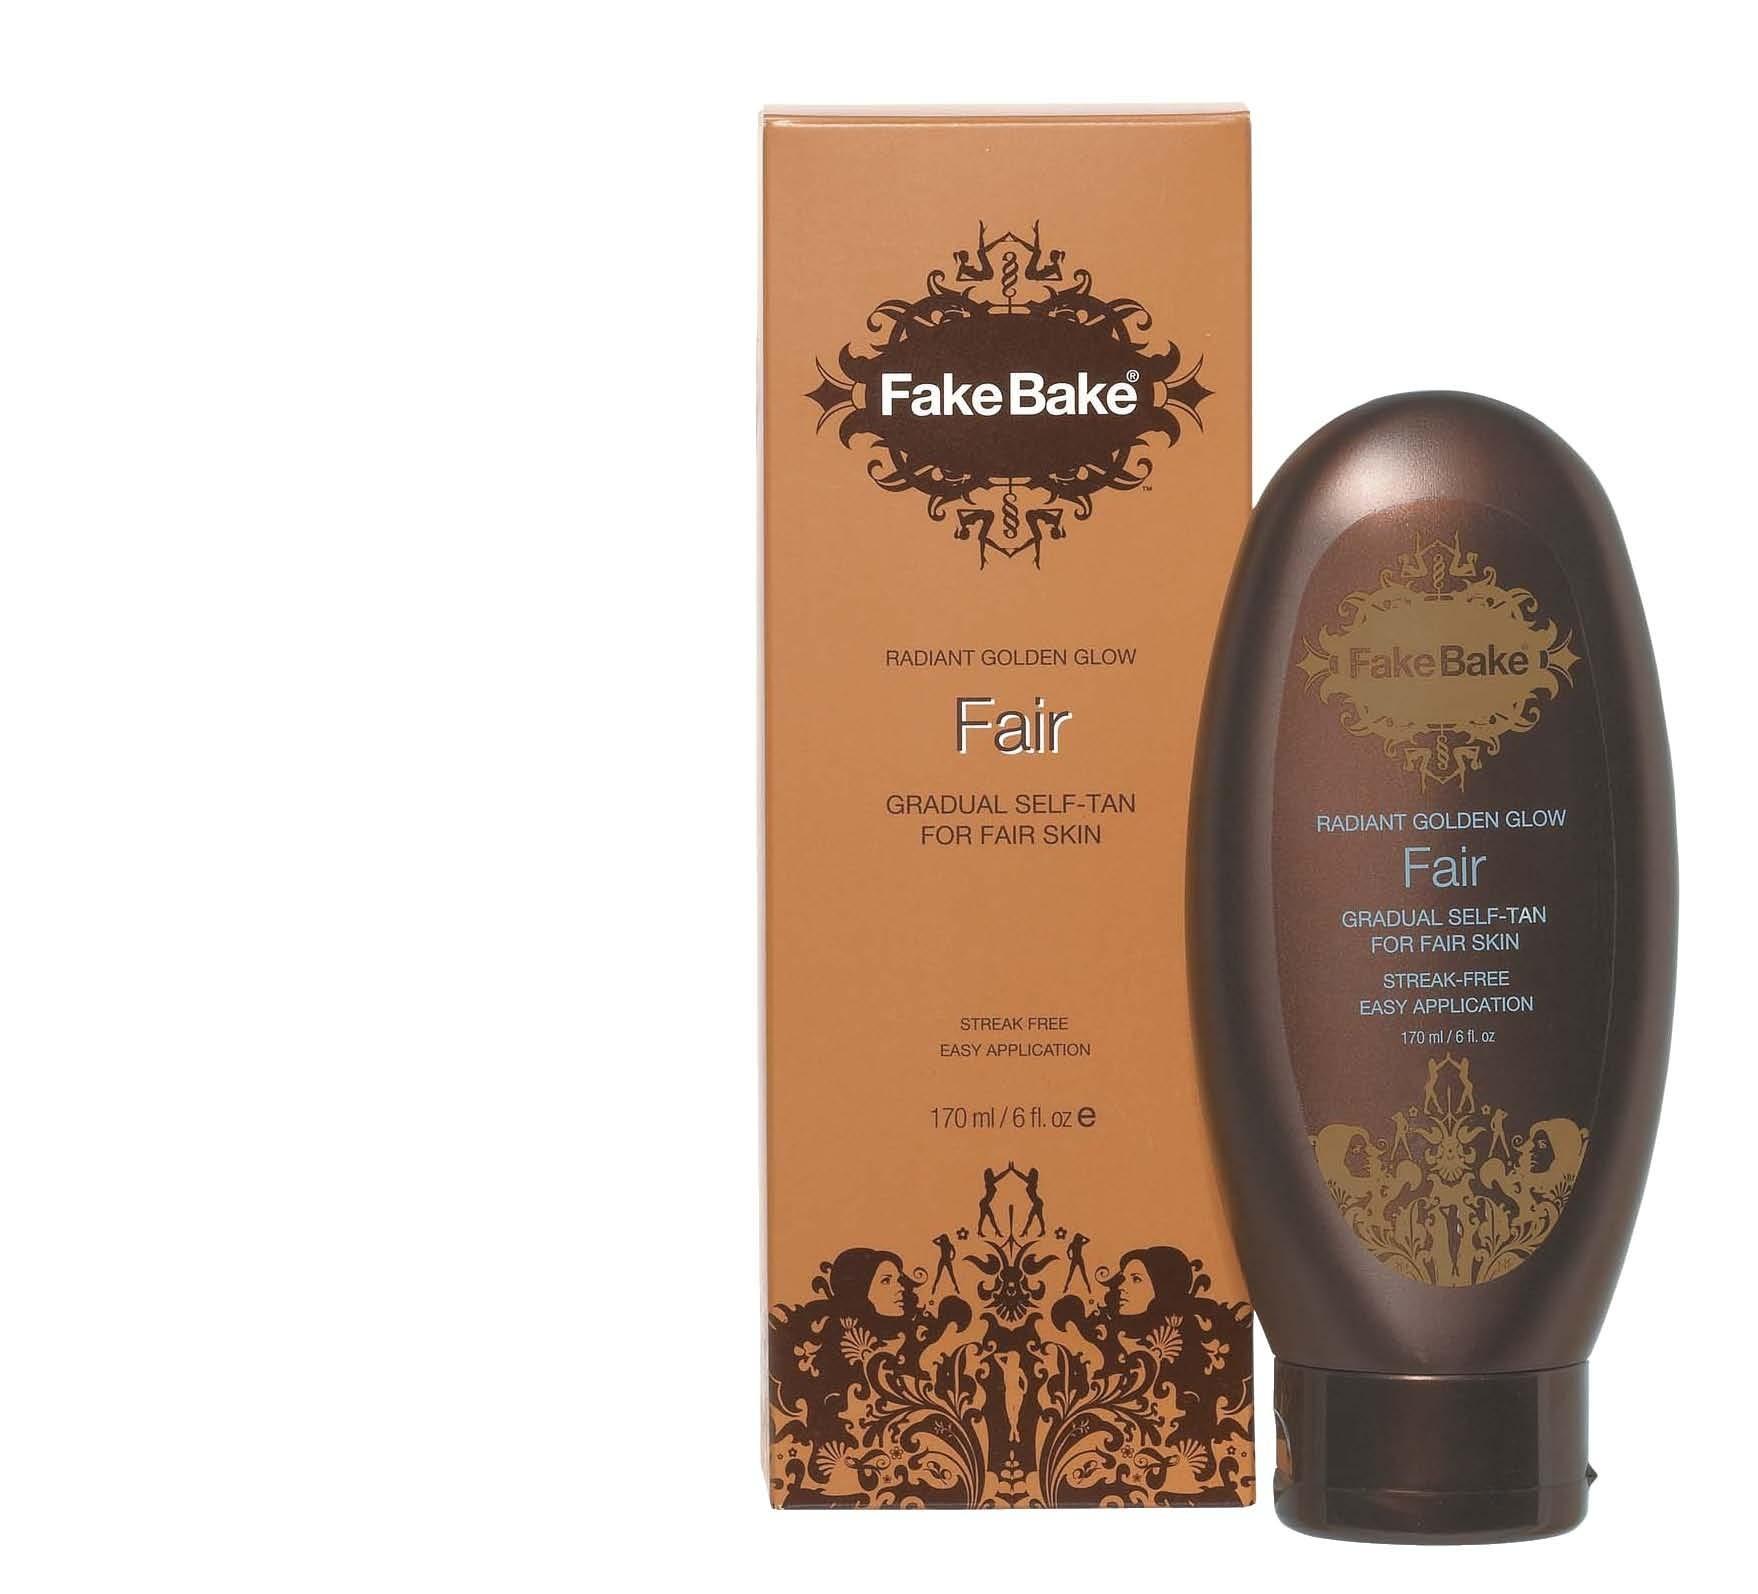 Fake Bake Fair Self Tanning lotion 6 oz